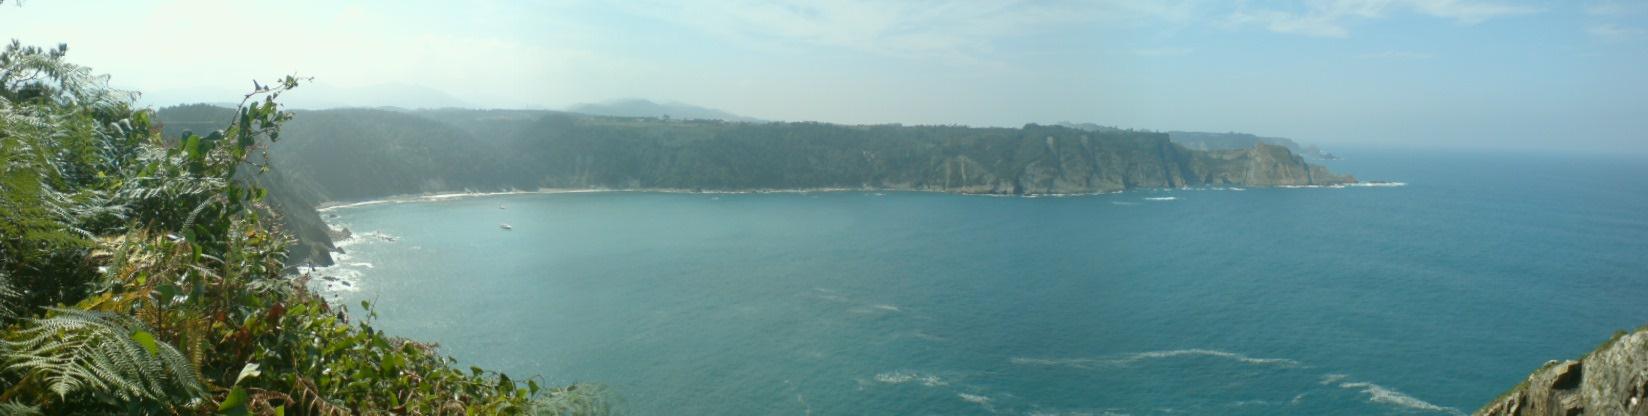 Playa San Pedro de Bocamar / San Pedro de la Ribera